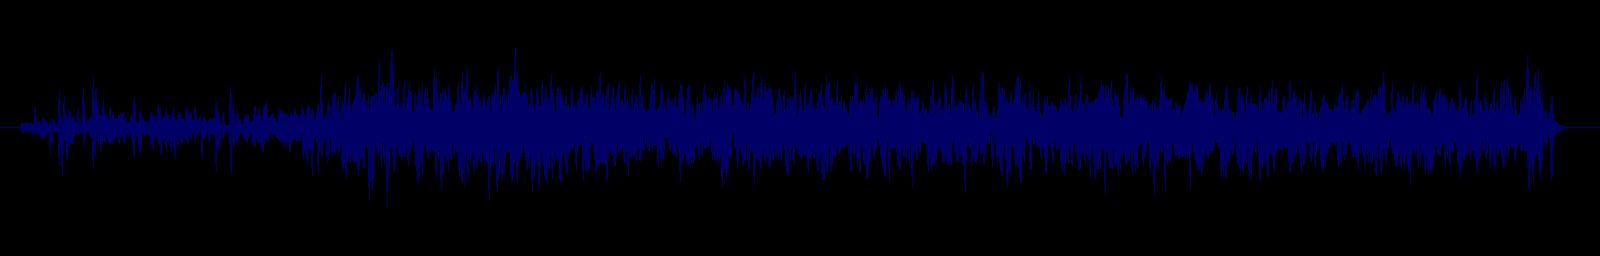 waveform of track #127724